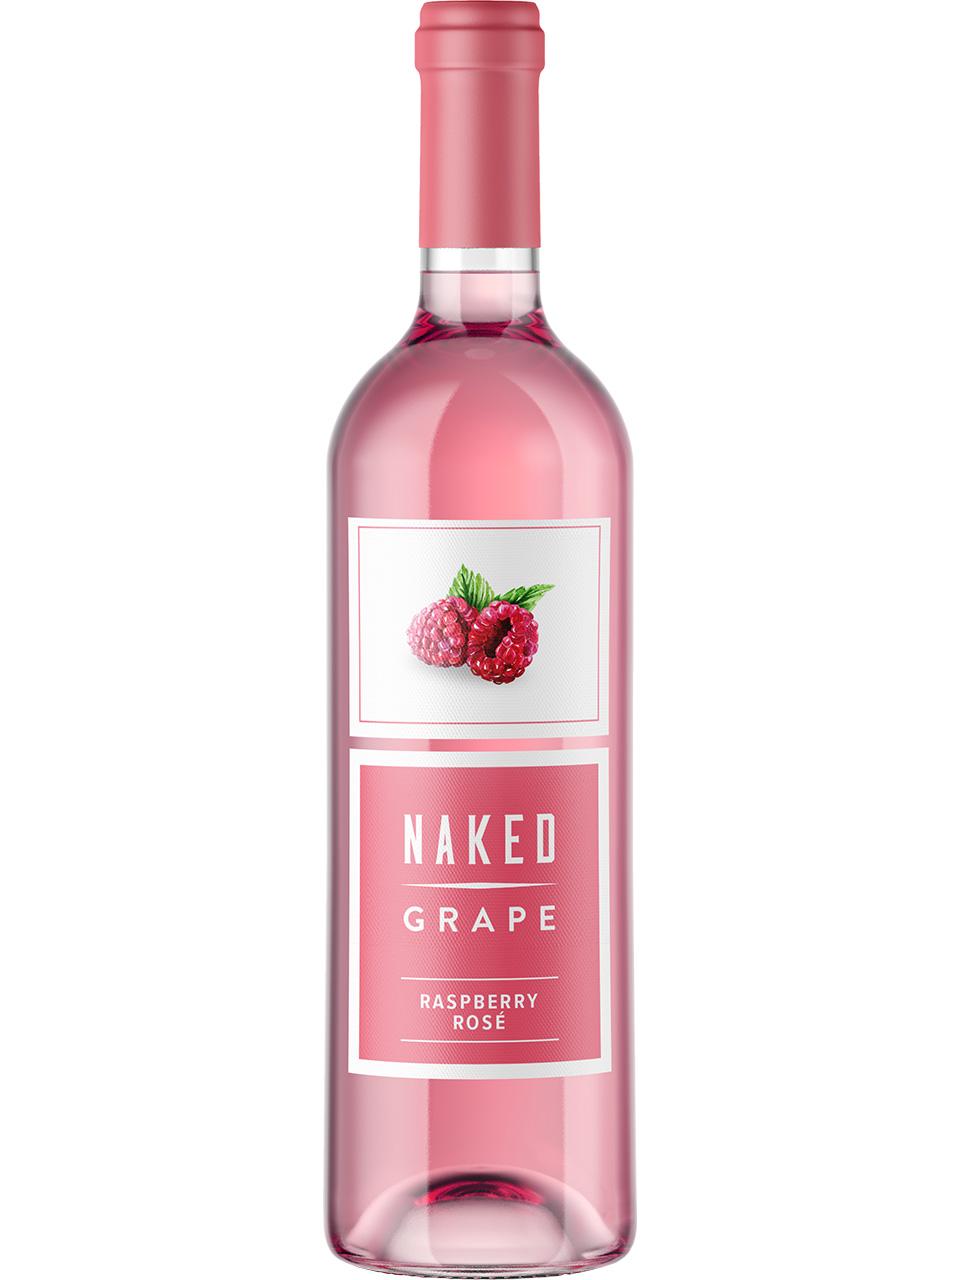 Naked Grape Raspberry Rose